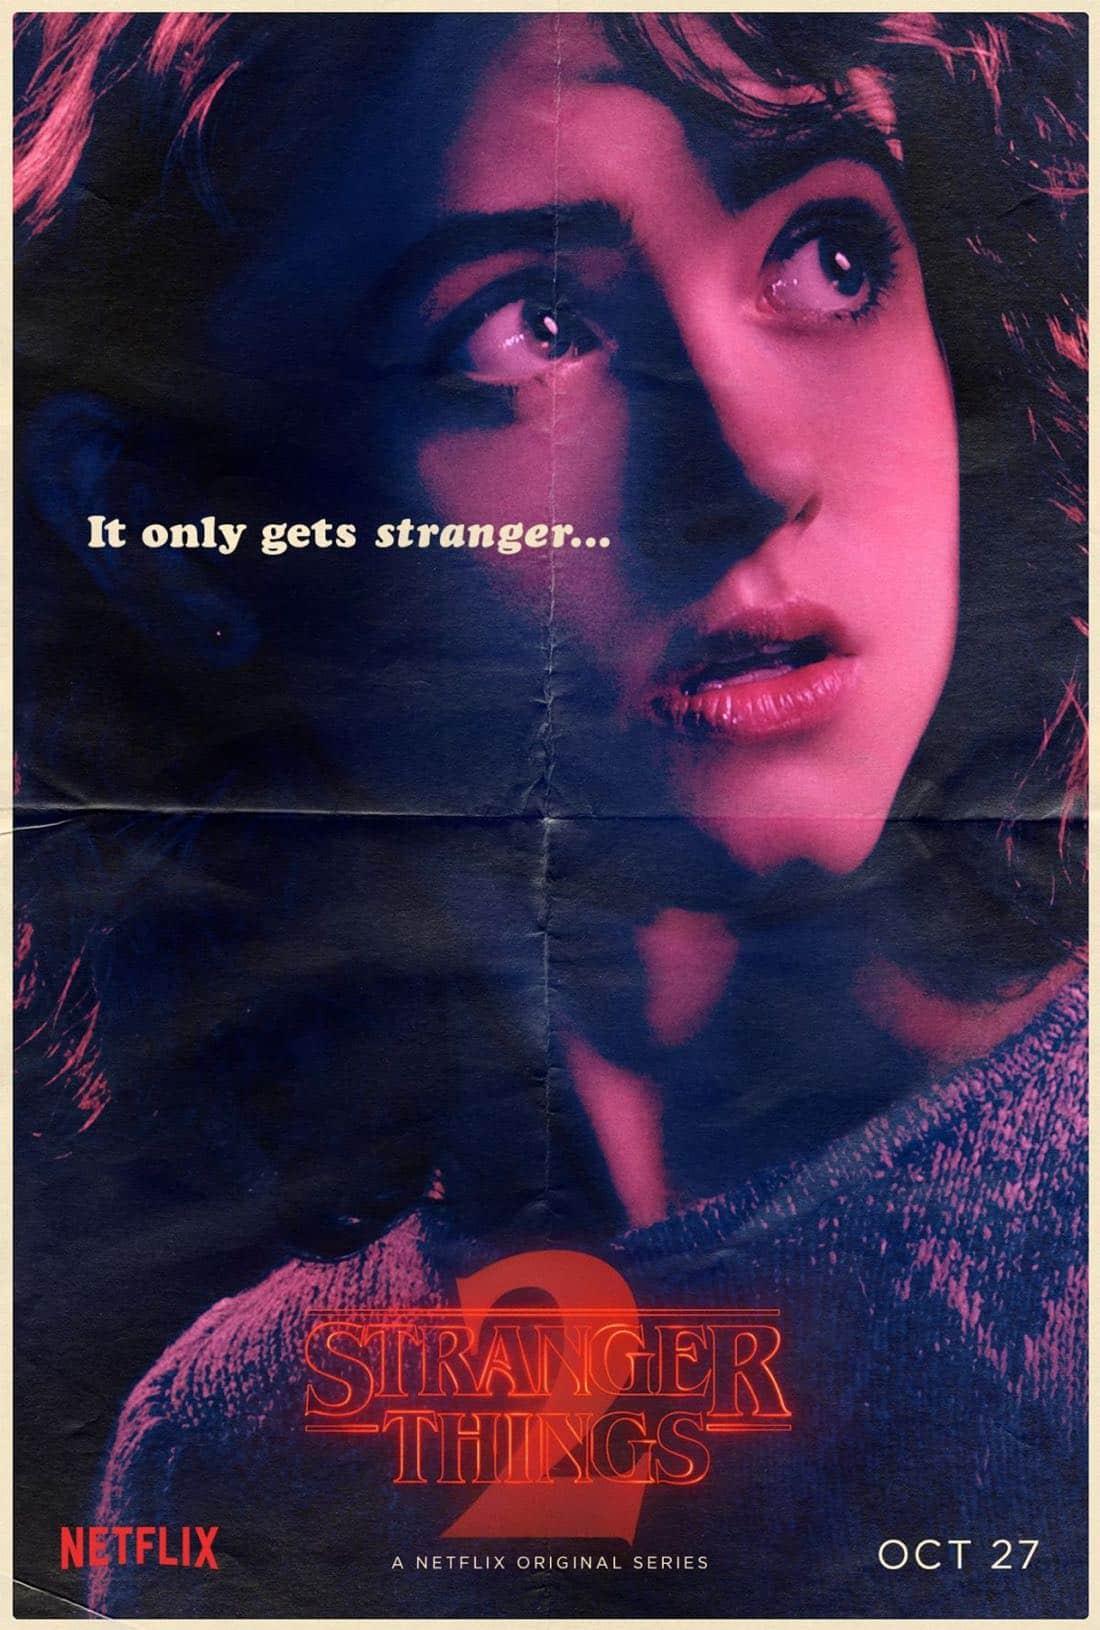 Stranger Things Character Poster - Natalia Dyer - Nancy